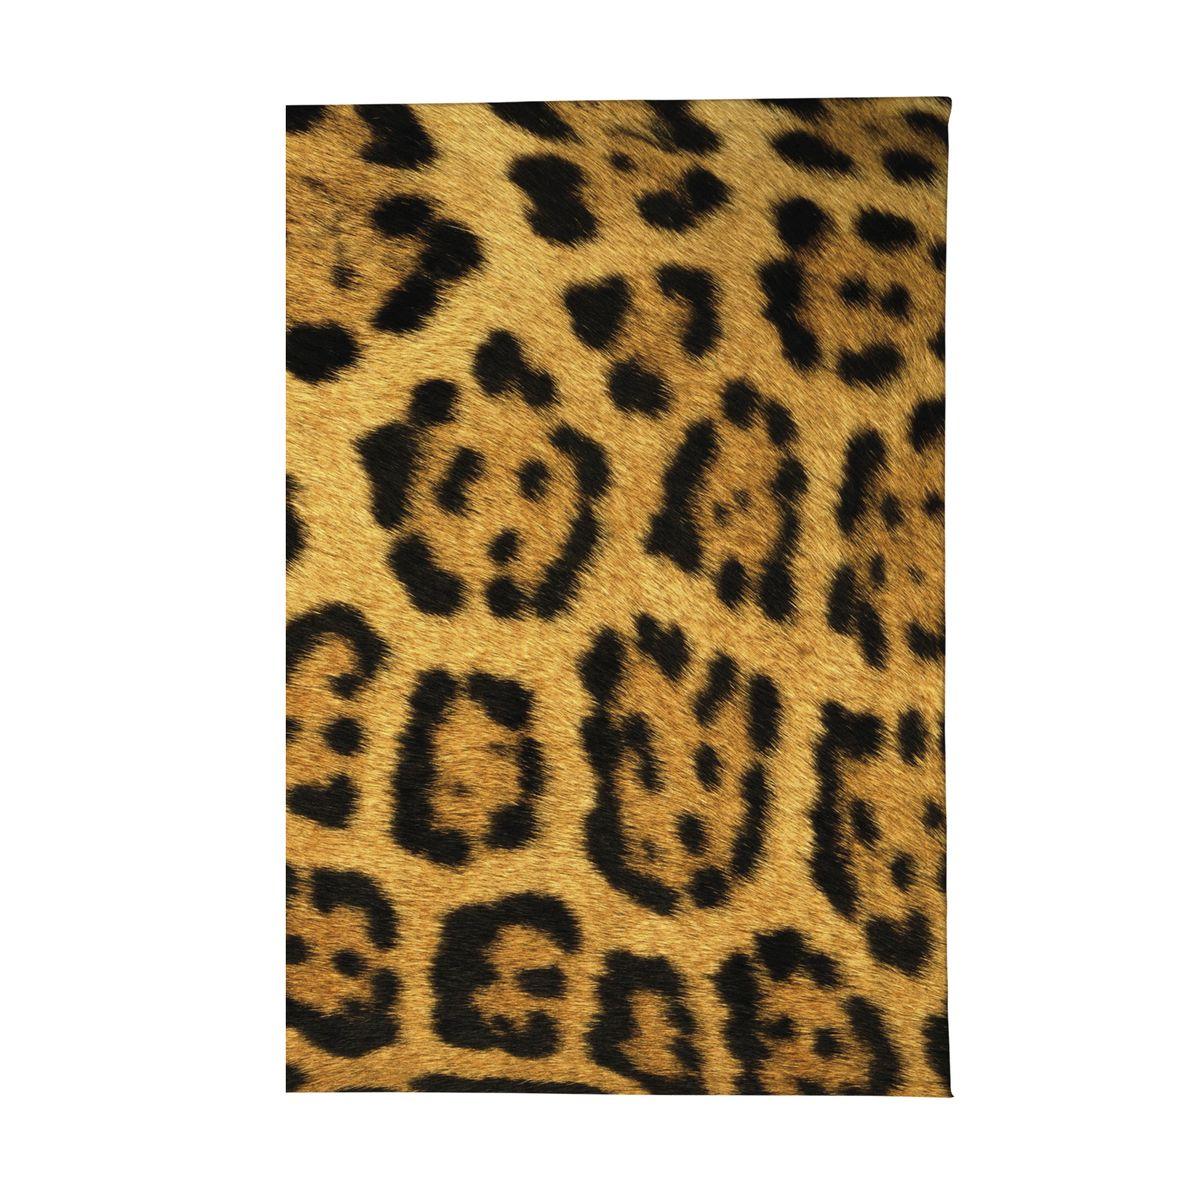 Обложка для автодокументов Леопардовый принт. AUTOZAM100AUTOZAM100Стильная обложка для автодокументов Mitya Veselkov не только поможет сохранить внешний вид ваших документов и защитить их от повреждений, но и станет стильным аксессуаром, идеально подходящим вашему образу. Она выполнена из ПВХ, внутри имеет съемный вкладыш, состоящий из шести файлов для документов, один из которых формата А5.